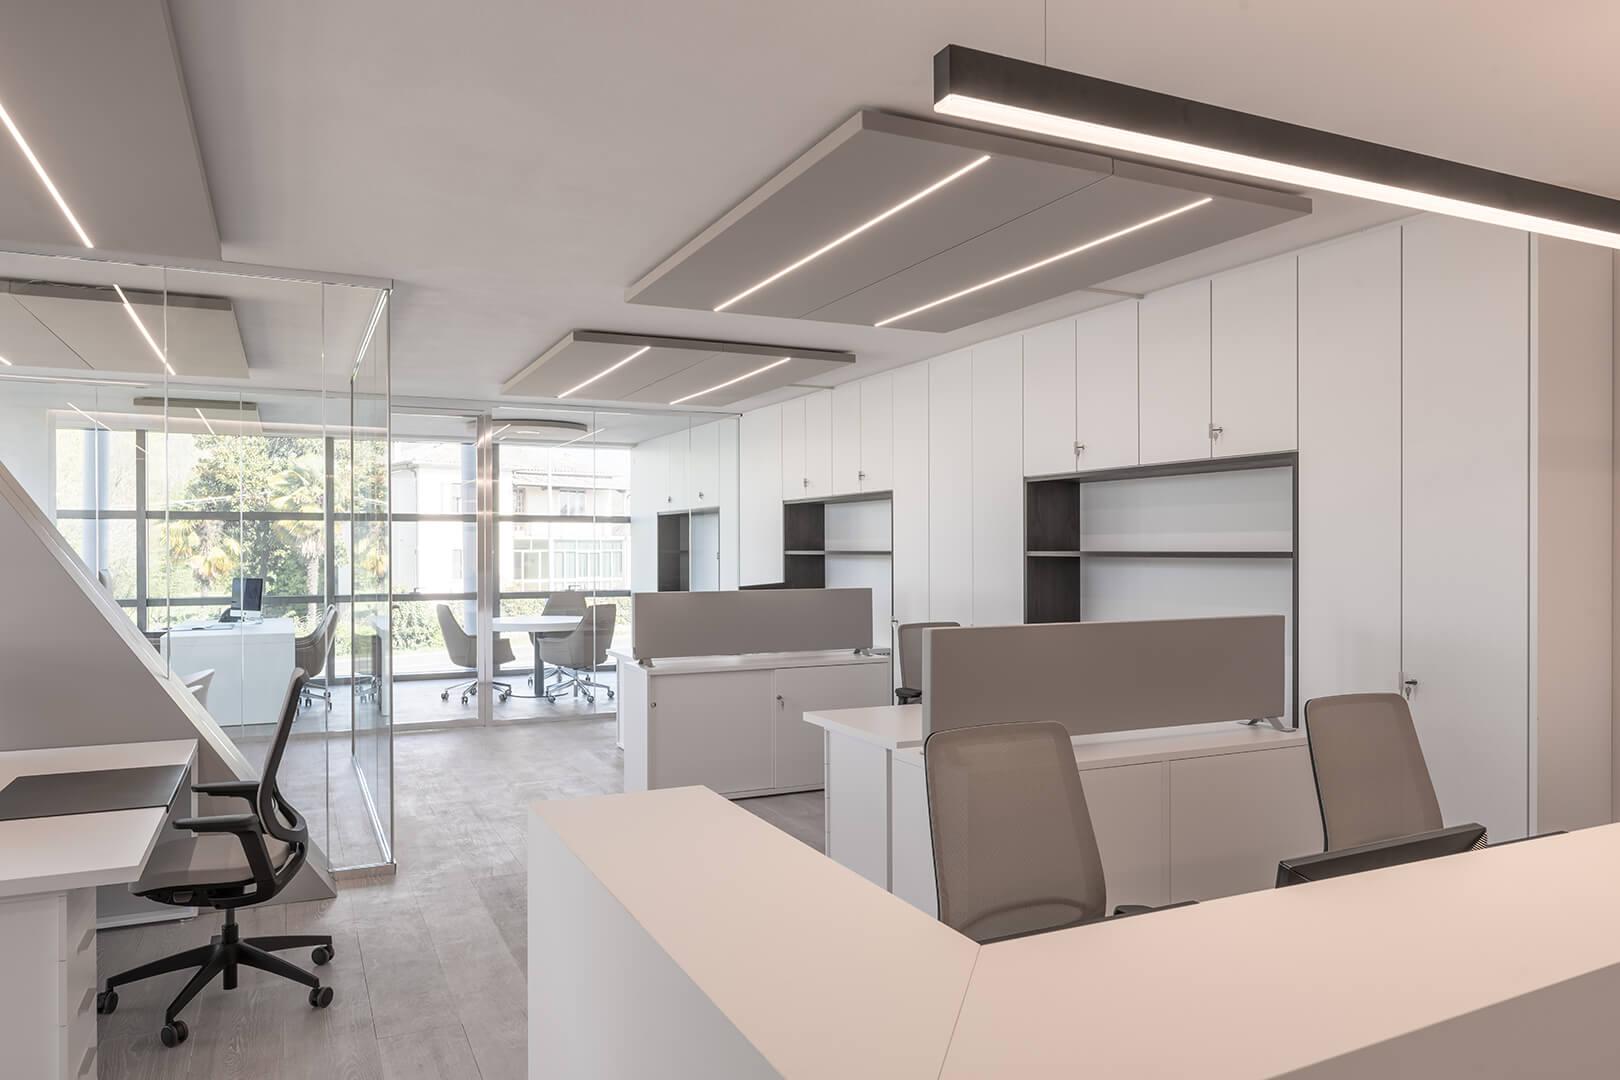 Açık Ofis Ses Yalıtımı Akustik Tavan Panelleri